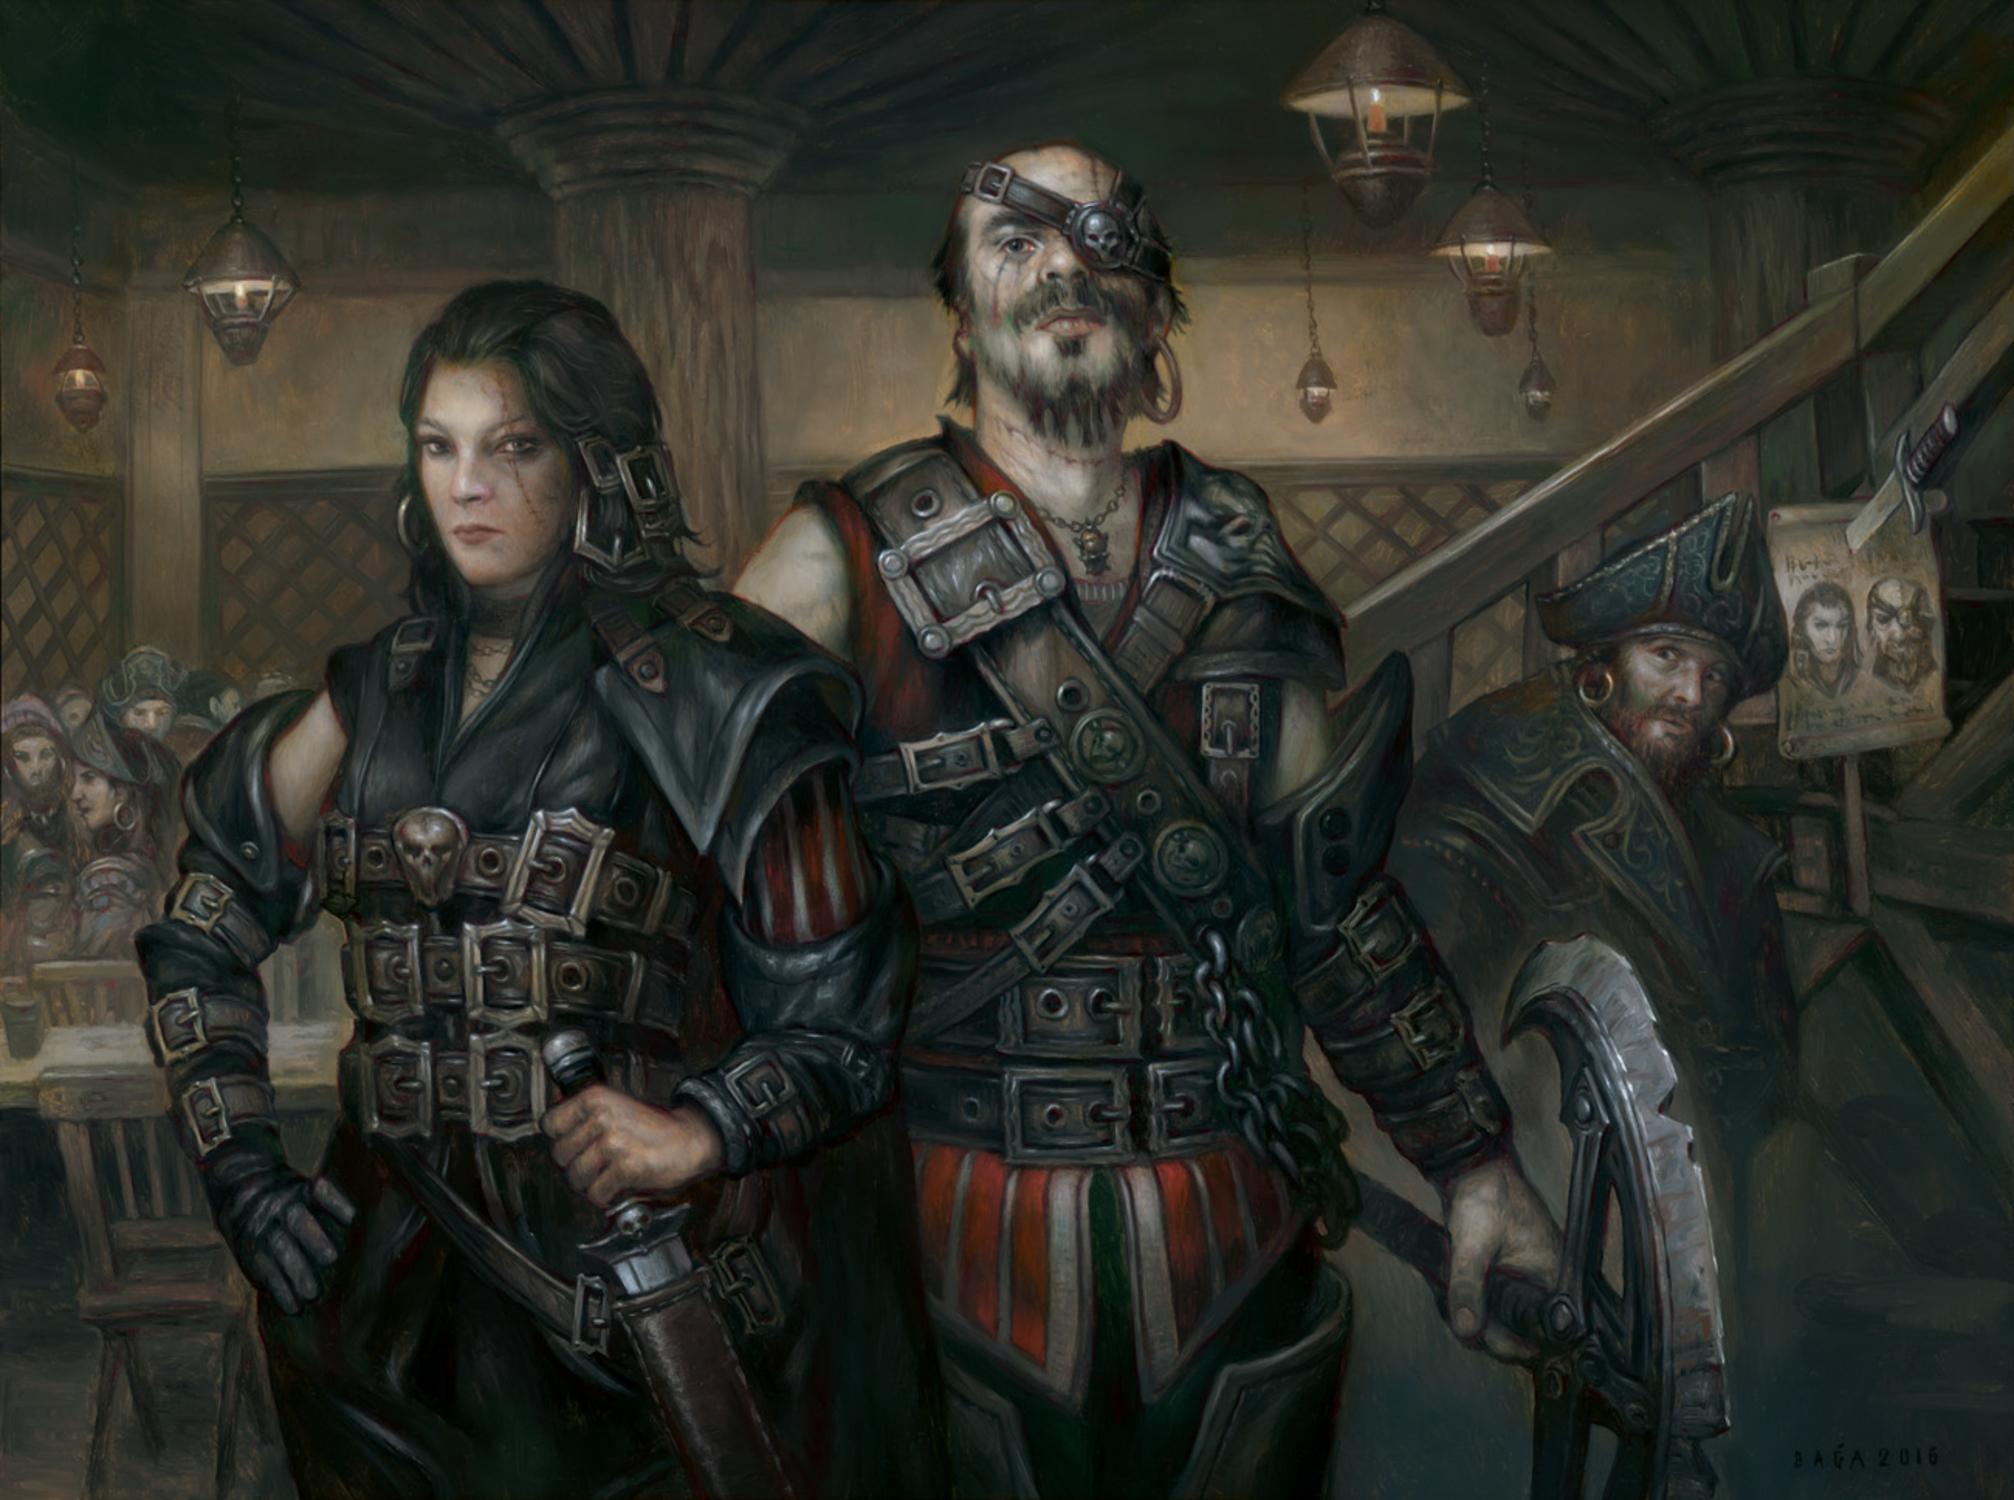 Wanted Scoundrels Artwork by Volkan Baga